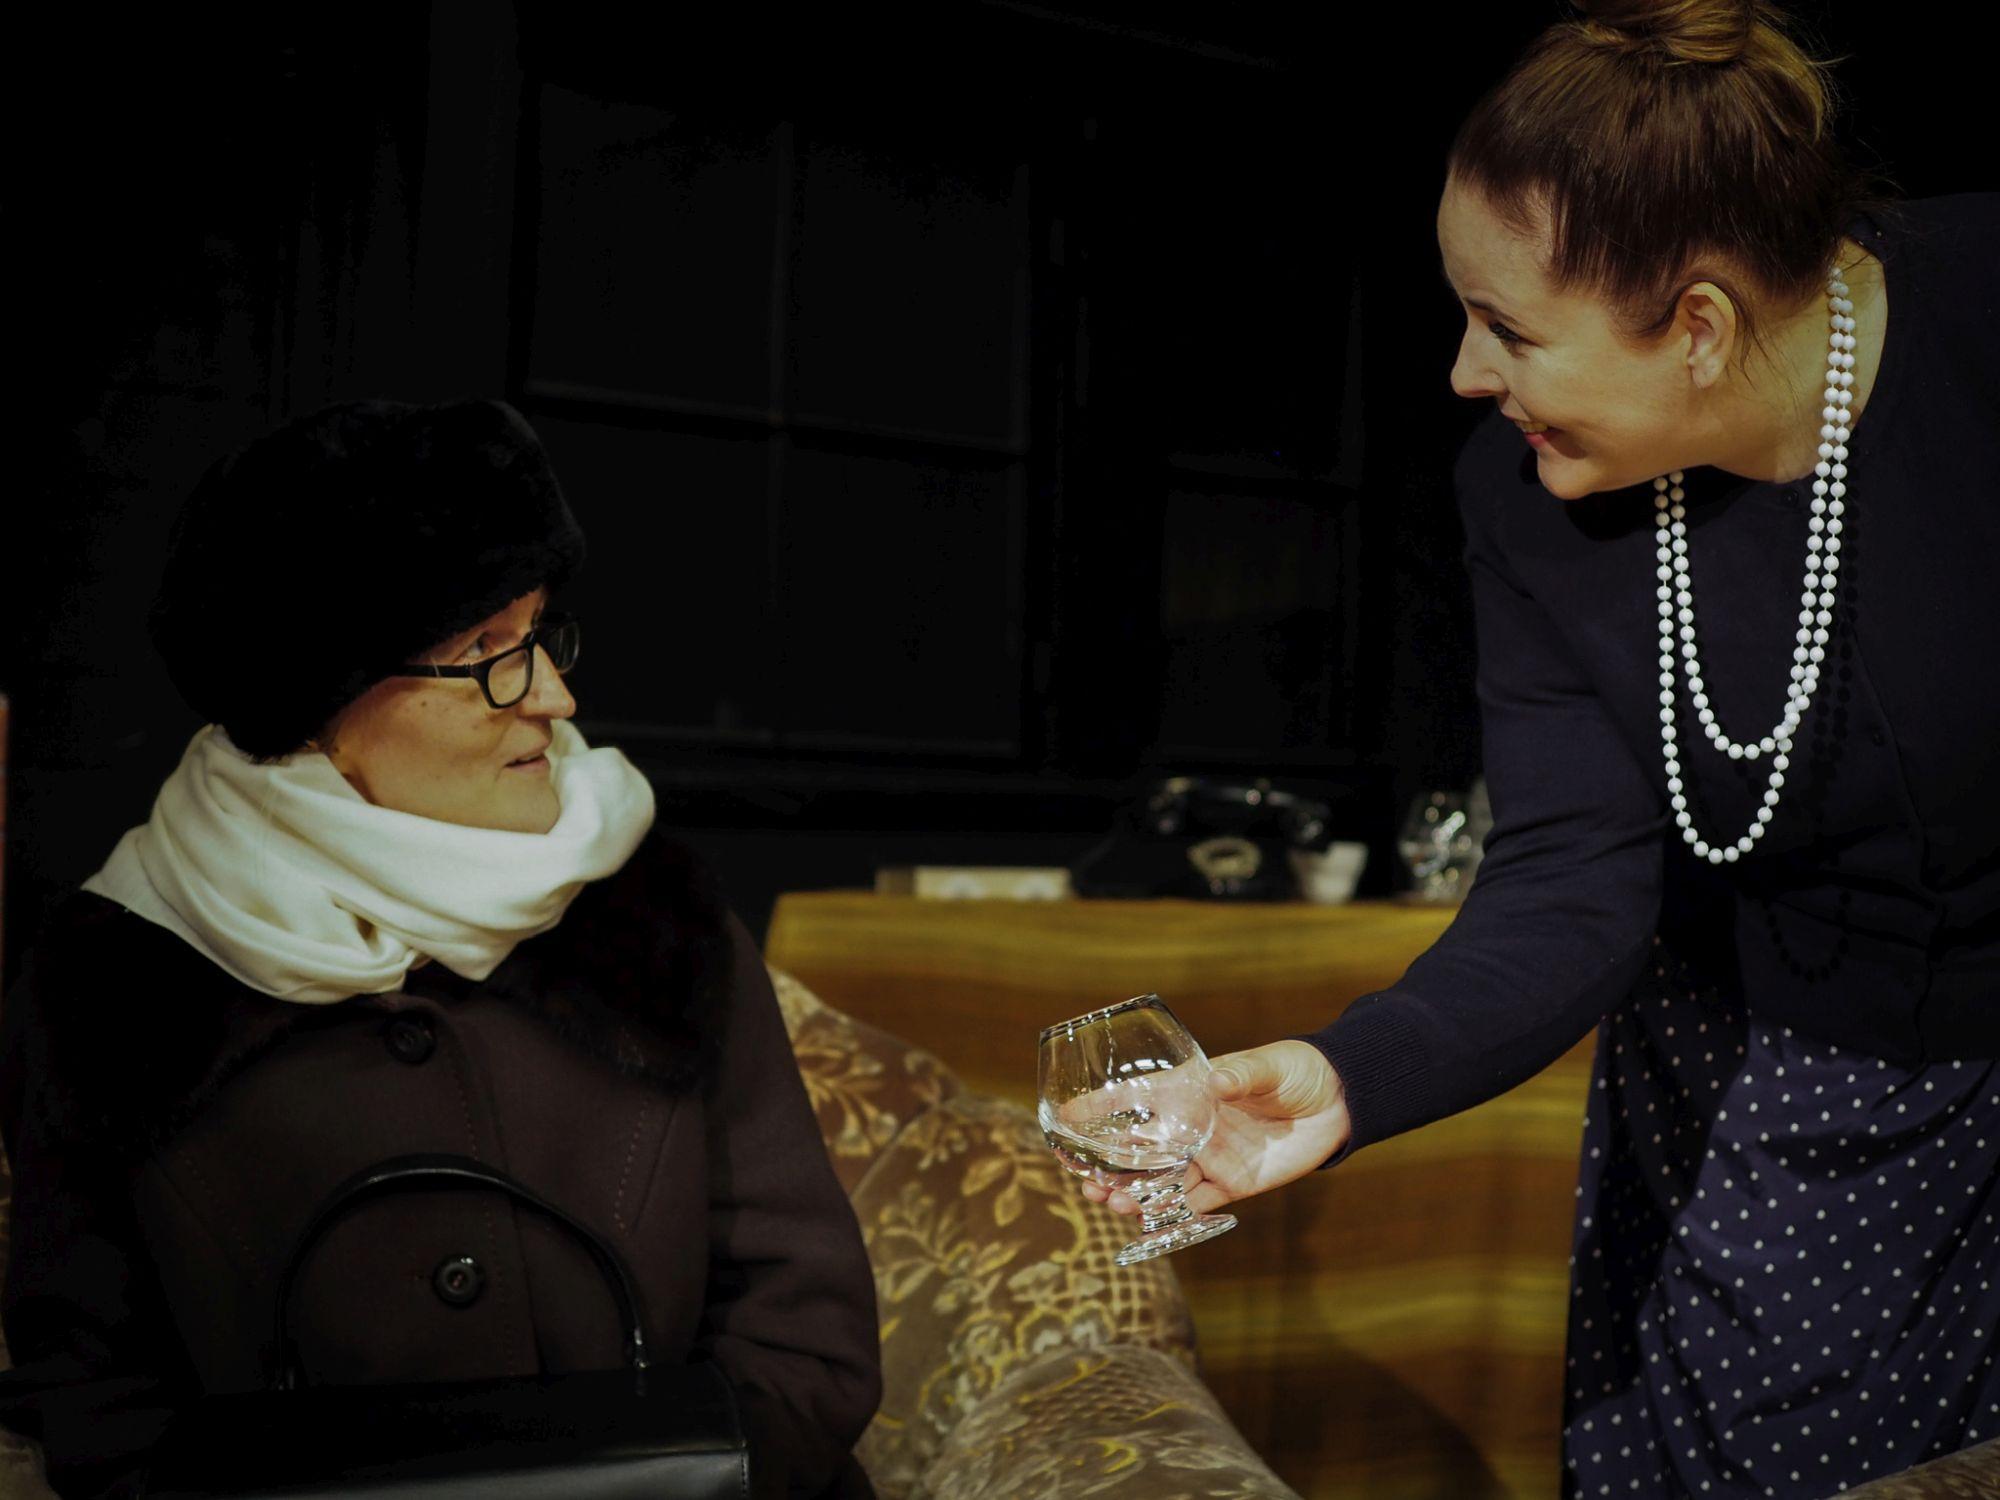 Rouva Boylelle (Pia-Inka Pohjola) juomaa tarjoilee Mollie (Marja Roikola).